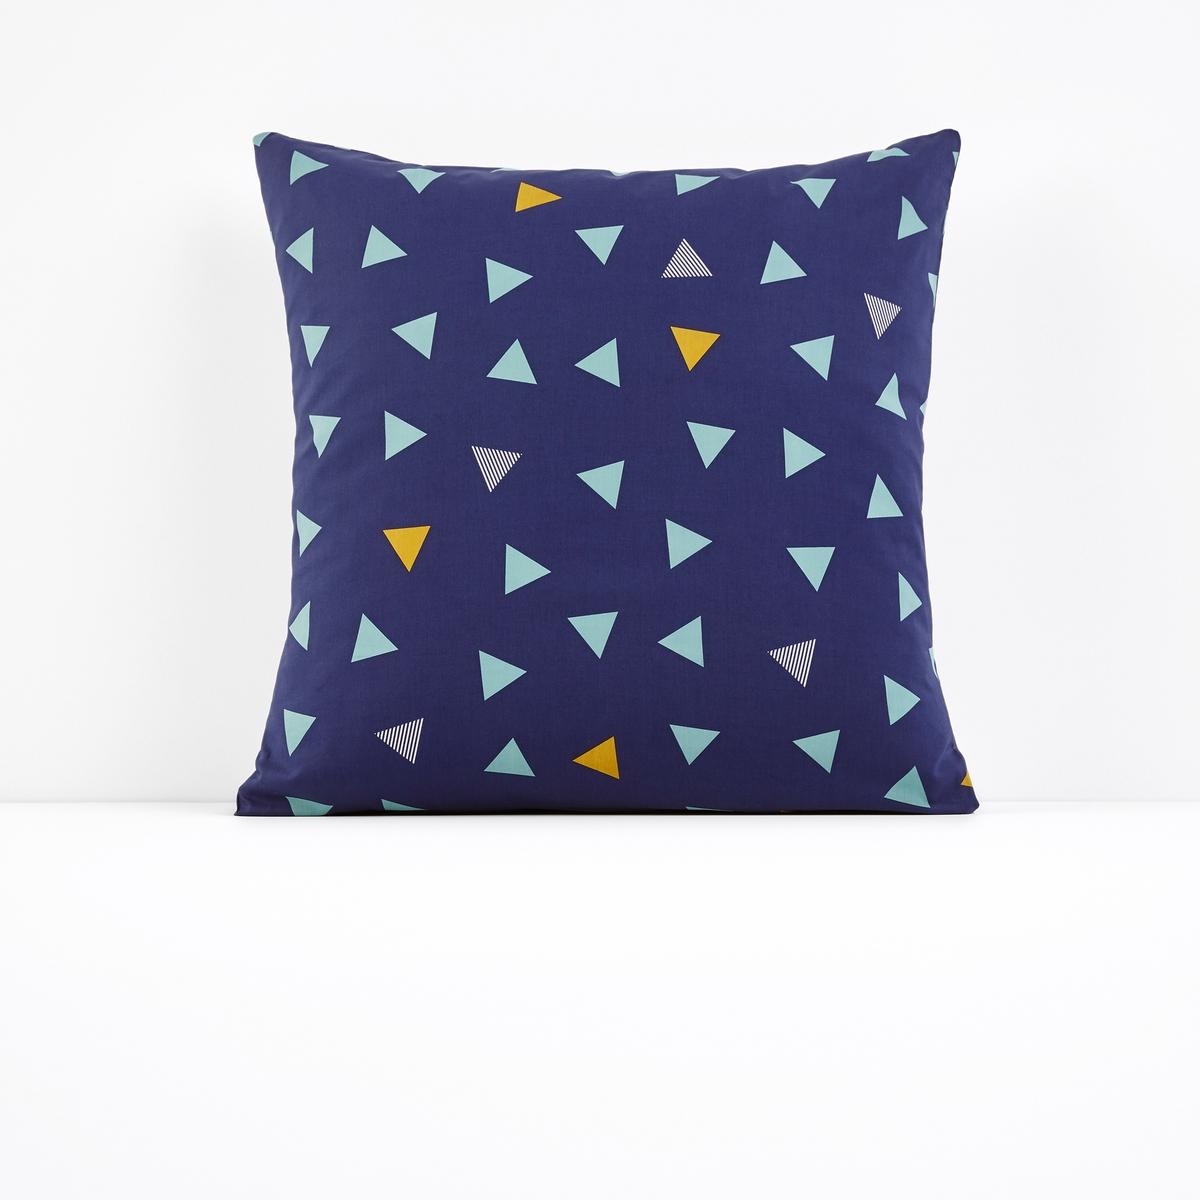 Наволочка с рисунком LUCIENНаволочка с рисунком Lucien. Графичное постельное белье с рисунком в мелкие цветные треугольники идеально подойдет к интерьеру в скандинавском стиле .Характеристики наволочки с рисунком  Lucien:100% хлопок, 57 нитей/cм?   : чем больше количество нитей на см?, тем выше качество материала.- Рисунок треугольники с обеих сторон.Легкость ухода.Машинная стирка при 60 °C.Форма мешкаНайти комплект постельного белья Lucien можно на laredoute.ru.Хлопковую натяжную простыню соответствующего однотонного цвета из коллекции Sc?nario Вы найдете на laredoute .ruЗнак Oeko-Tex® гарантирует, что товары прошли проверку и были изготовлены без применения вредных для здоровья человека веществ.Размеры :63 x 63 см : квадратная наволочка<br><br>Цвет: наб. рисунок синий